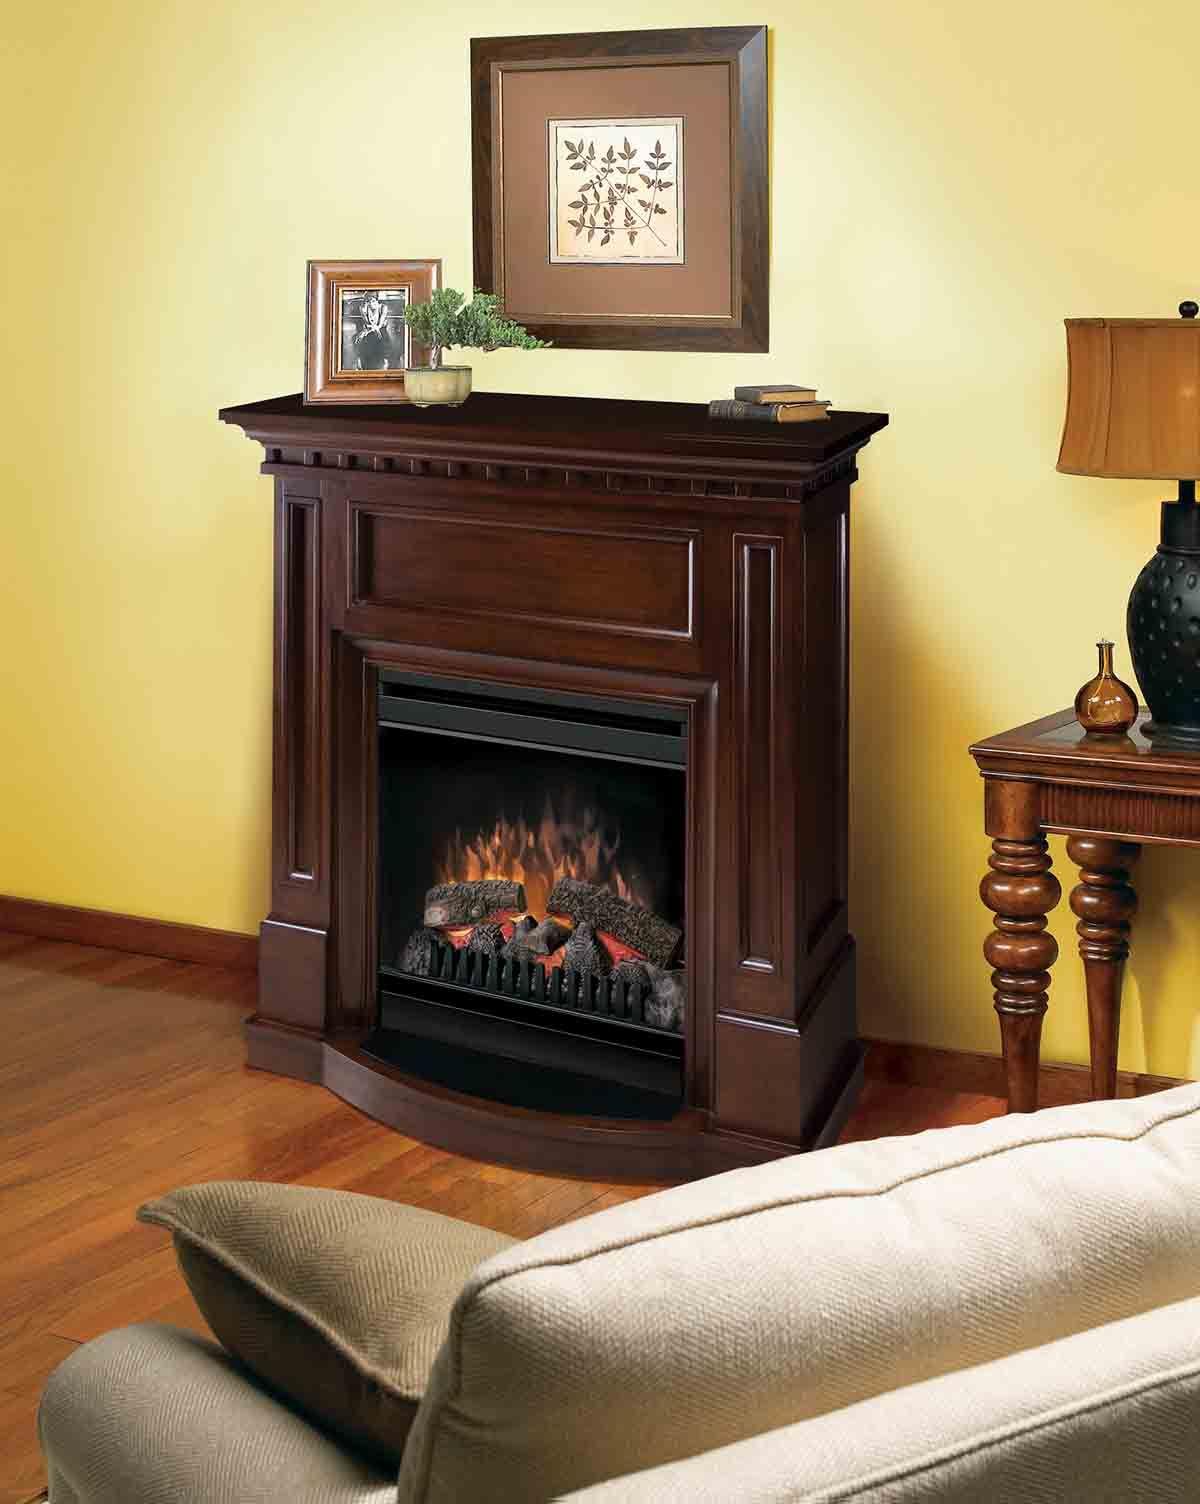 Chimenea el ctrica en madera color tabaco decoracion - Chimenea de mesa ...